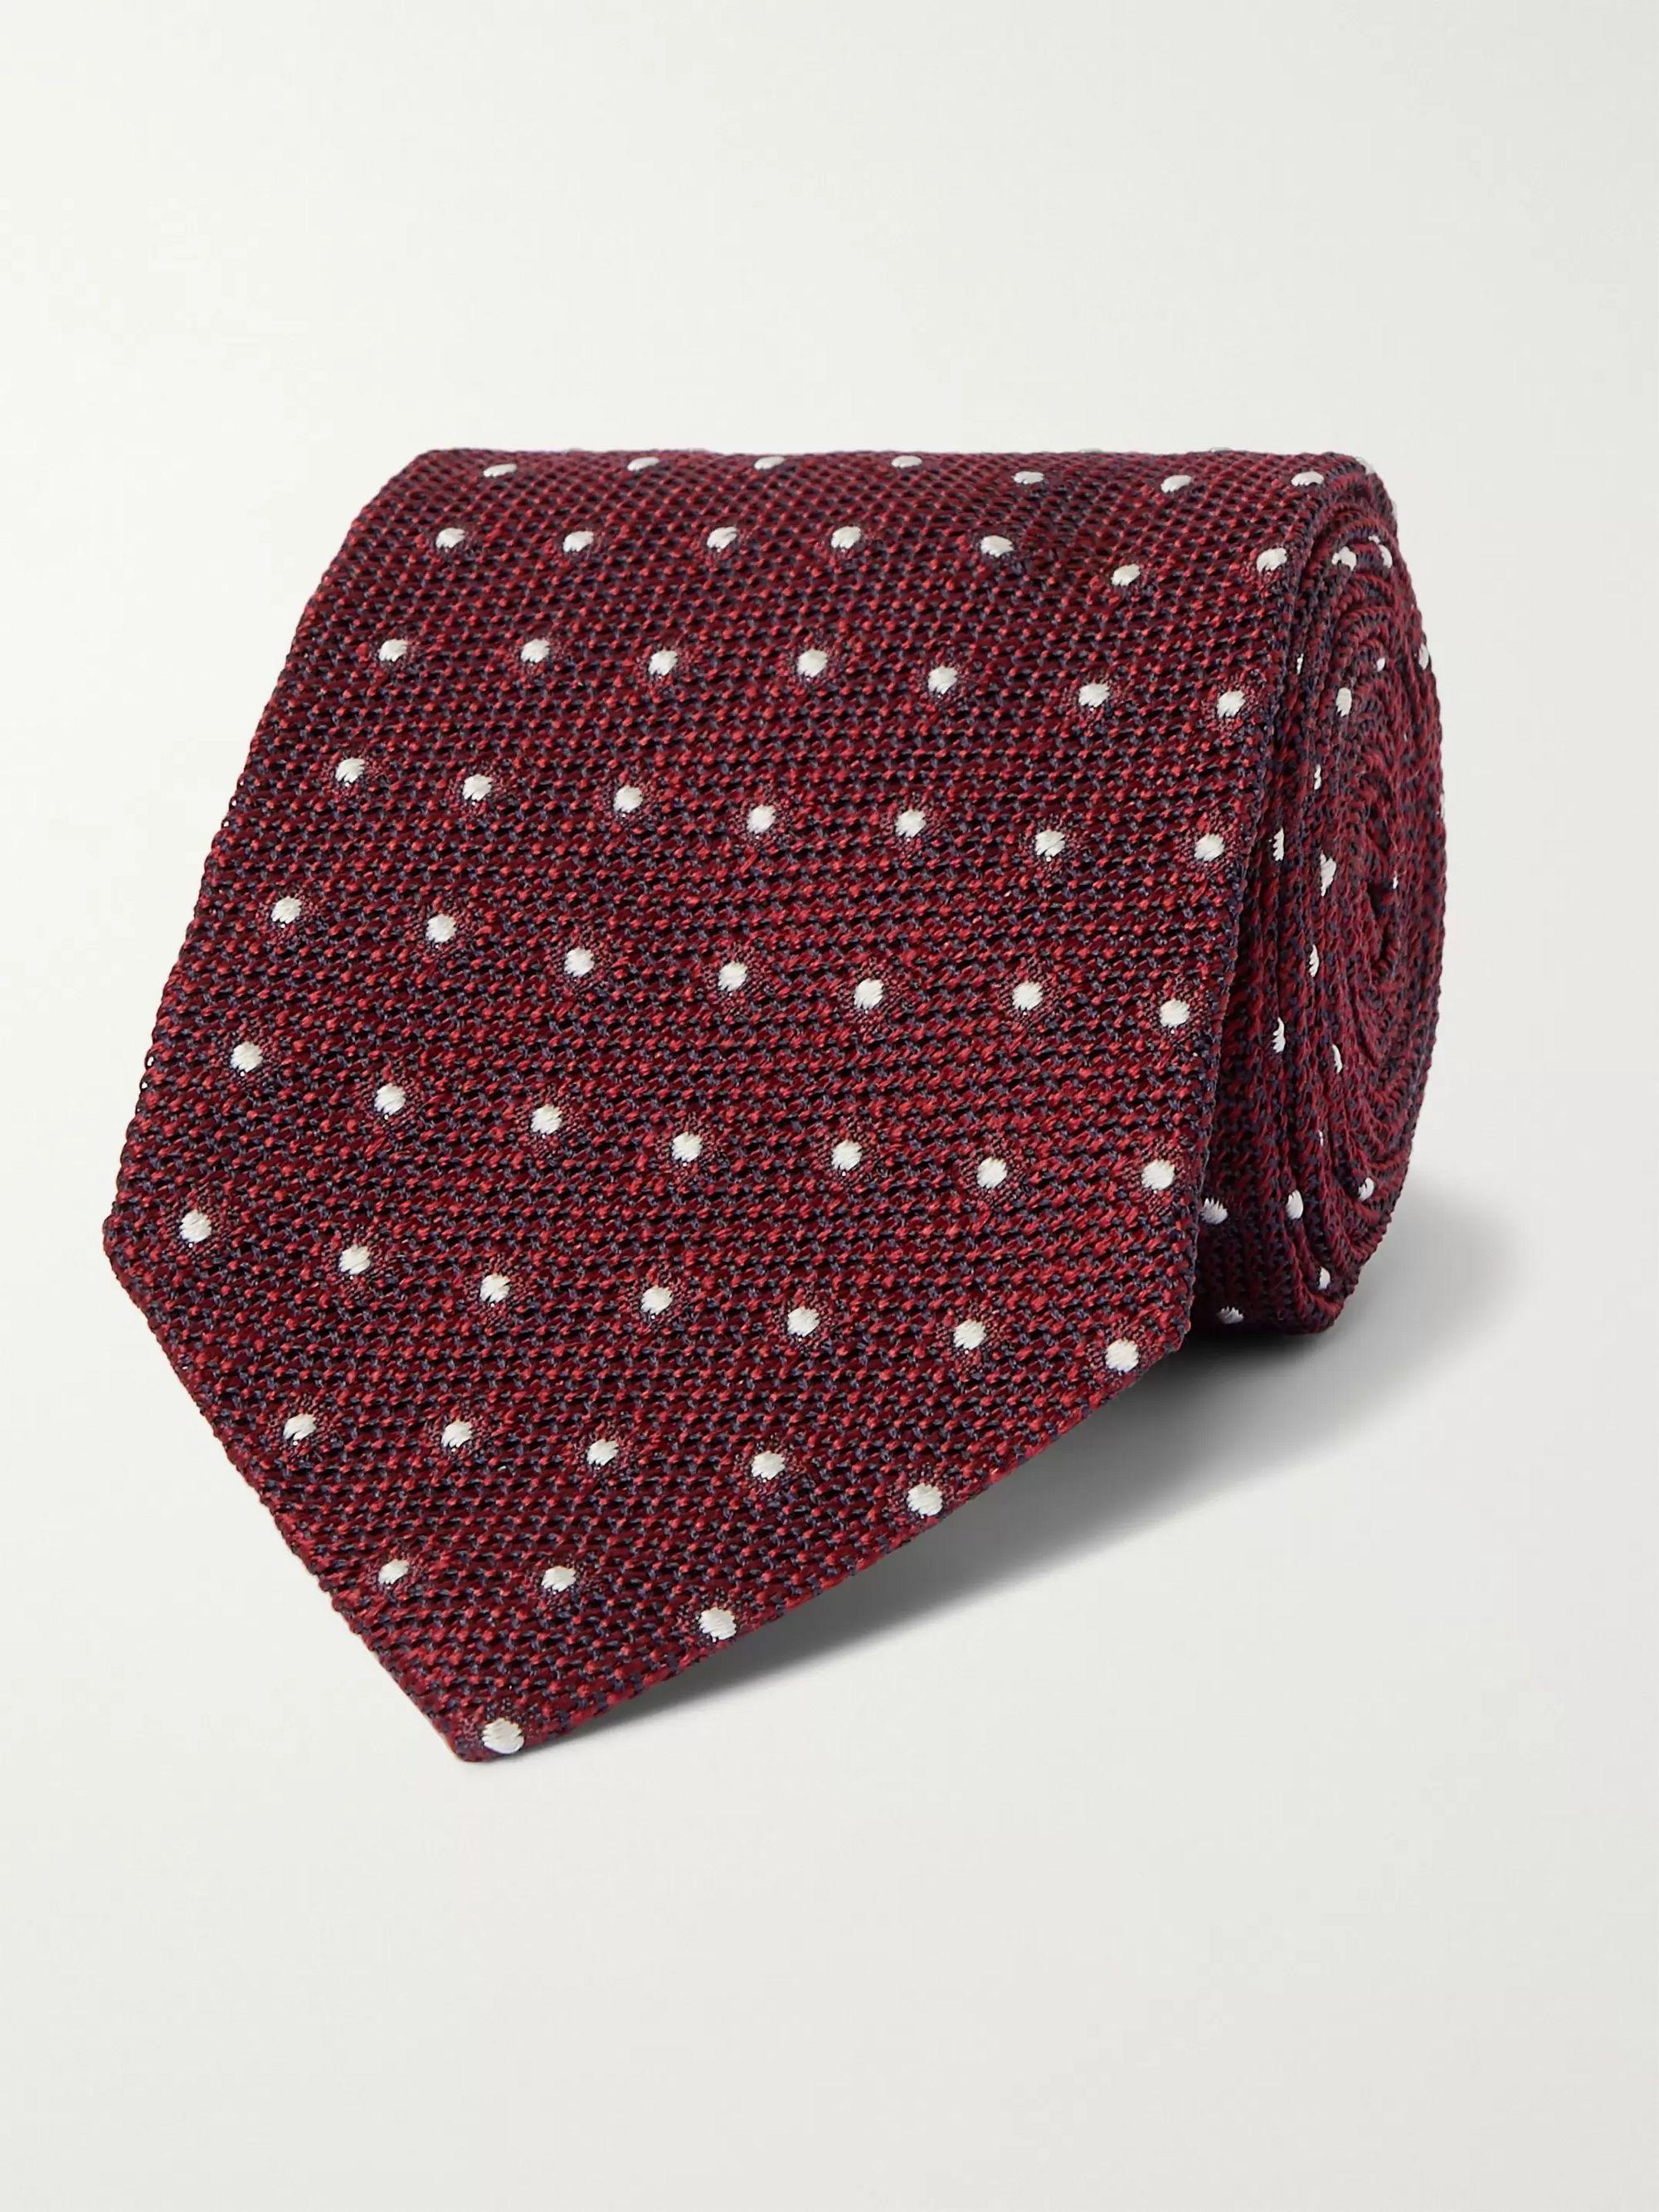 Burgundy 8cm Polka-Dot Silk-Jacquard Tie | TOM FORD | MR PORTER